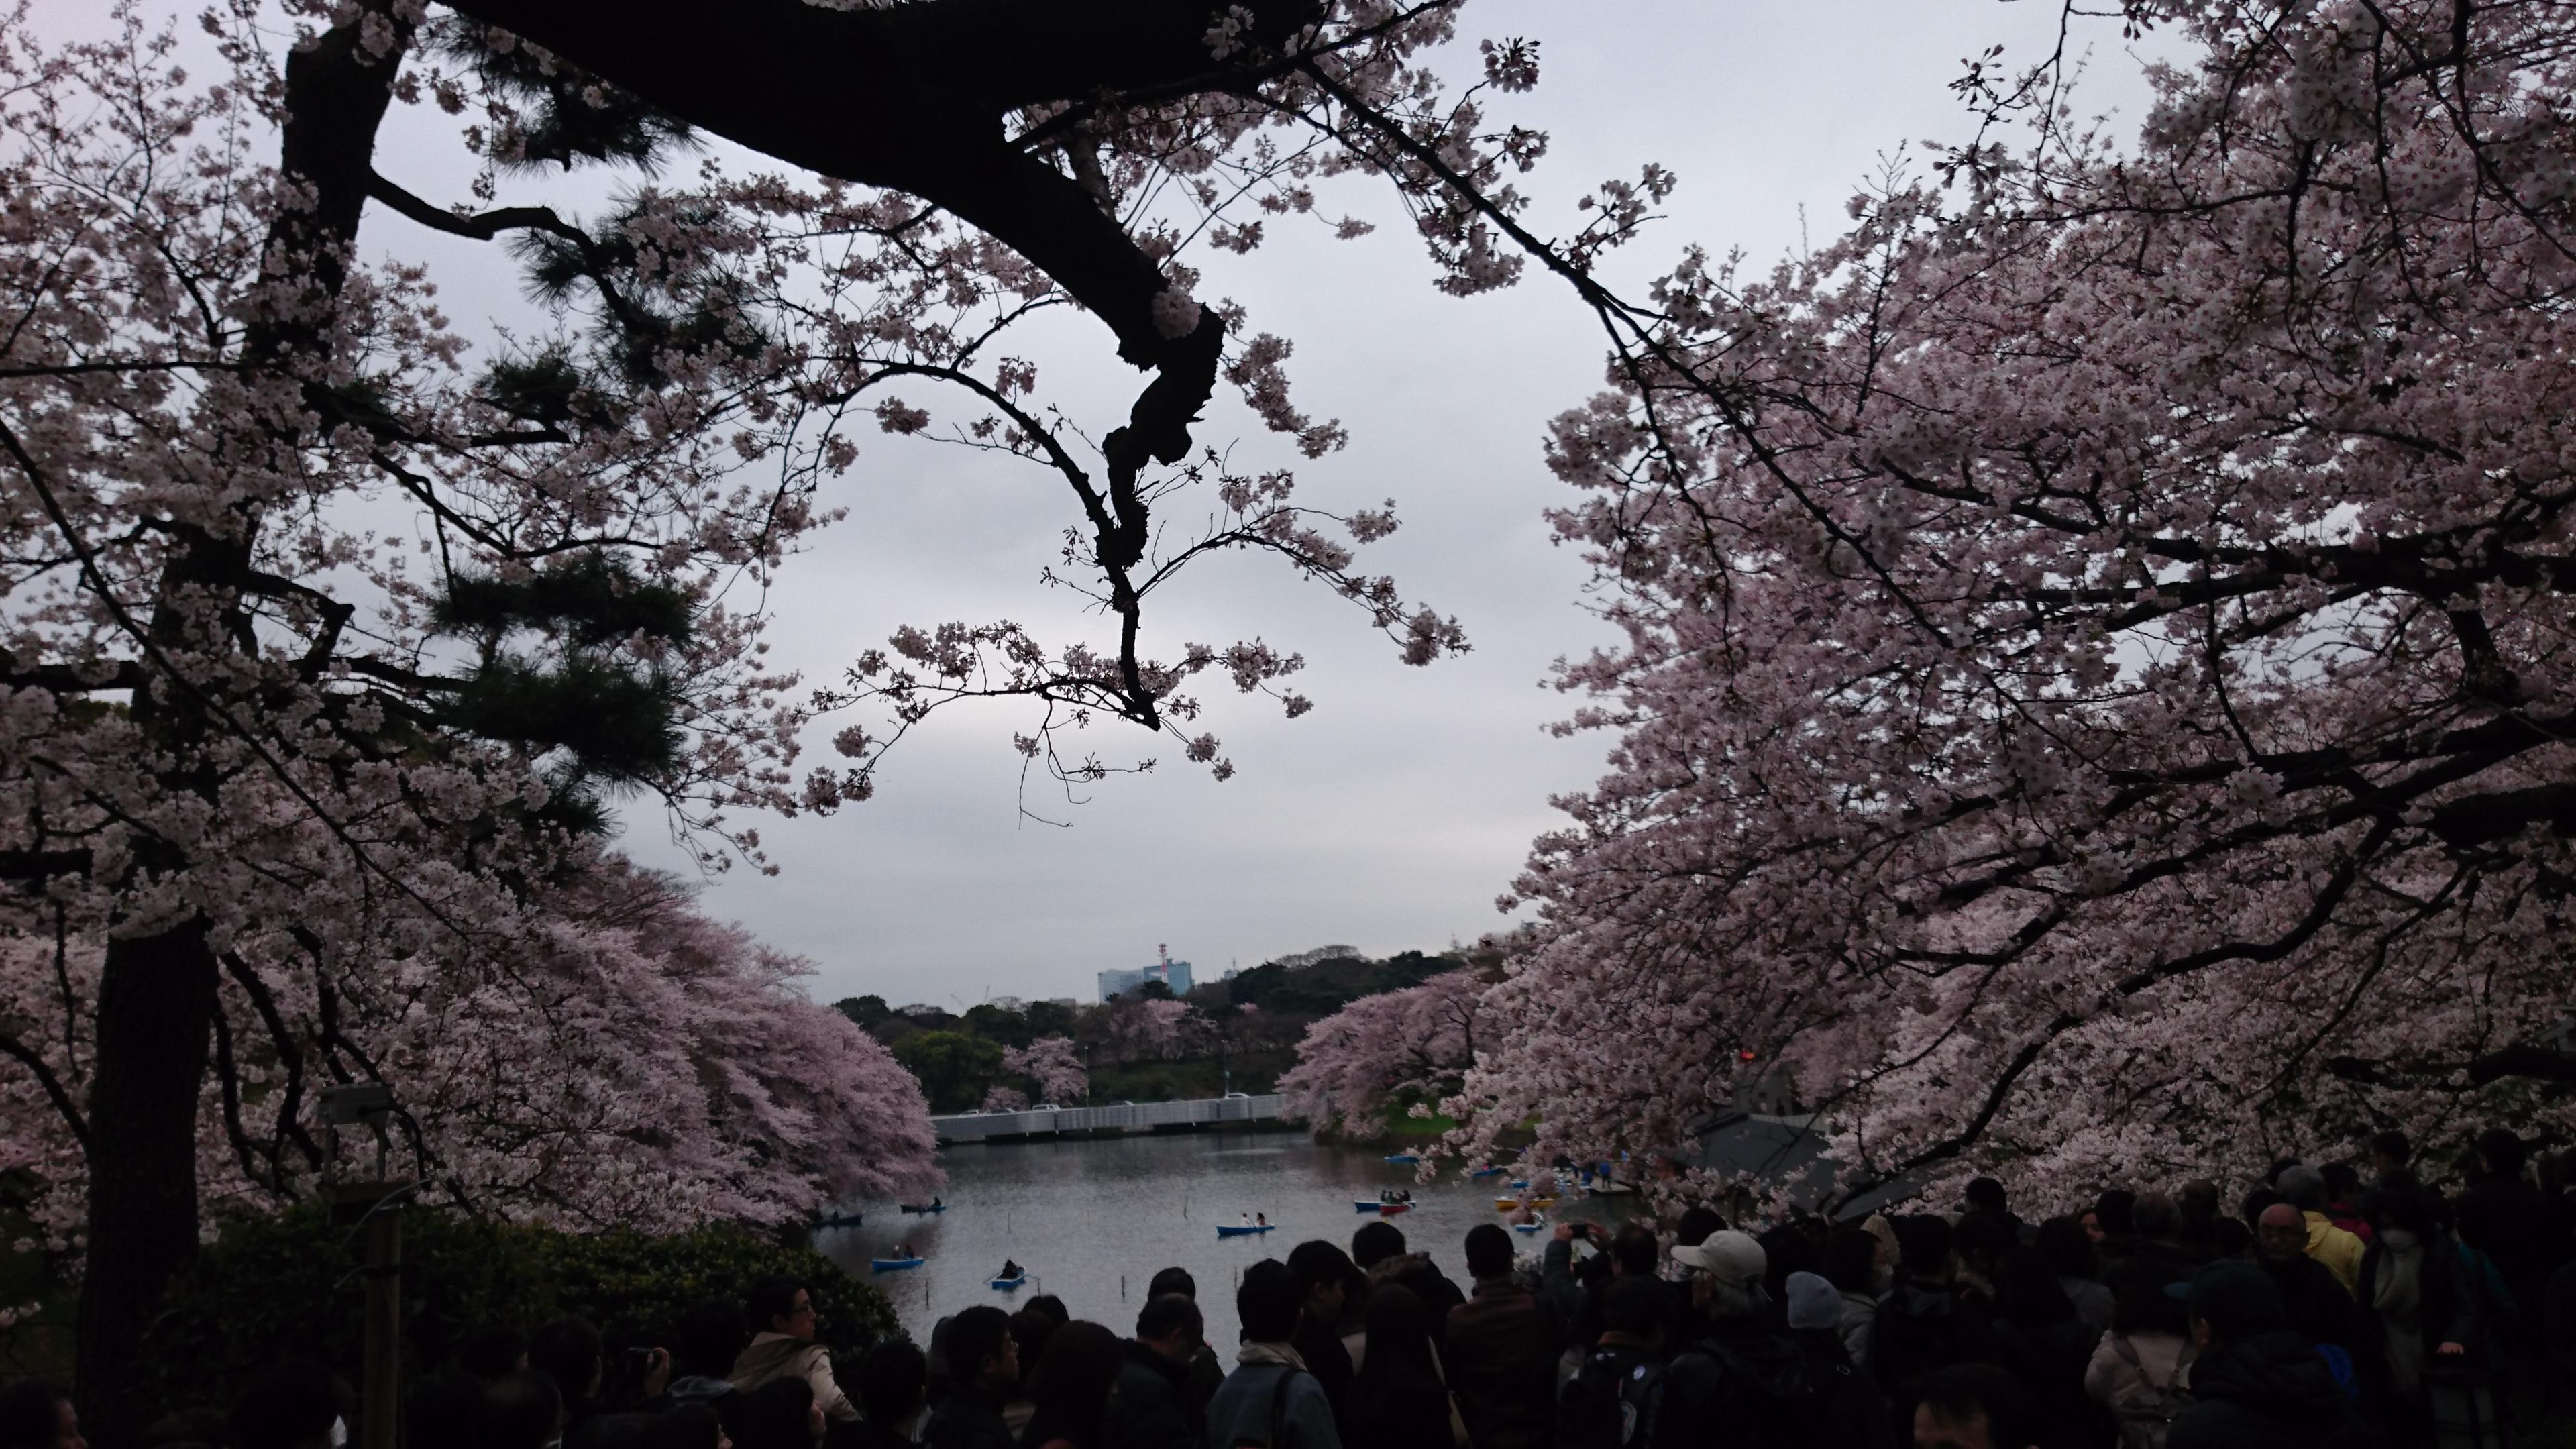 千鳥ヶ淵 お堀の向こう側も桜